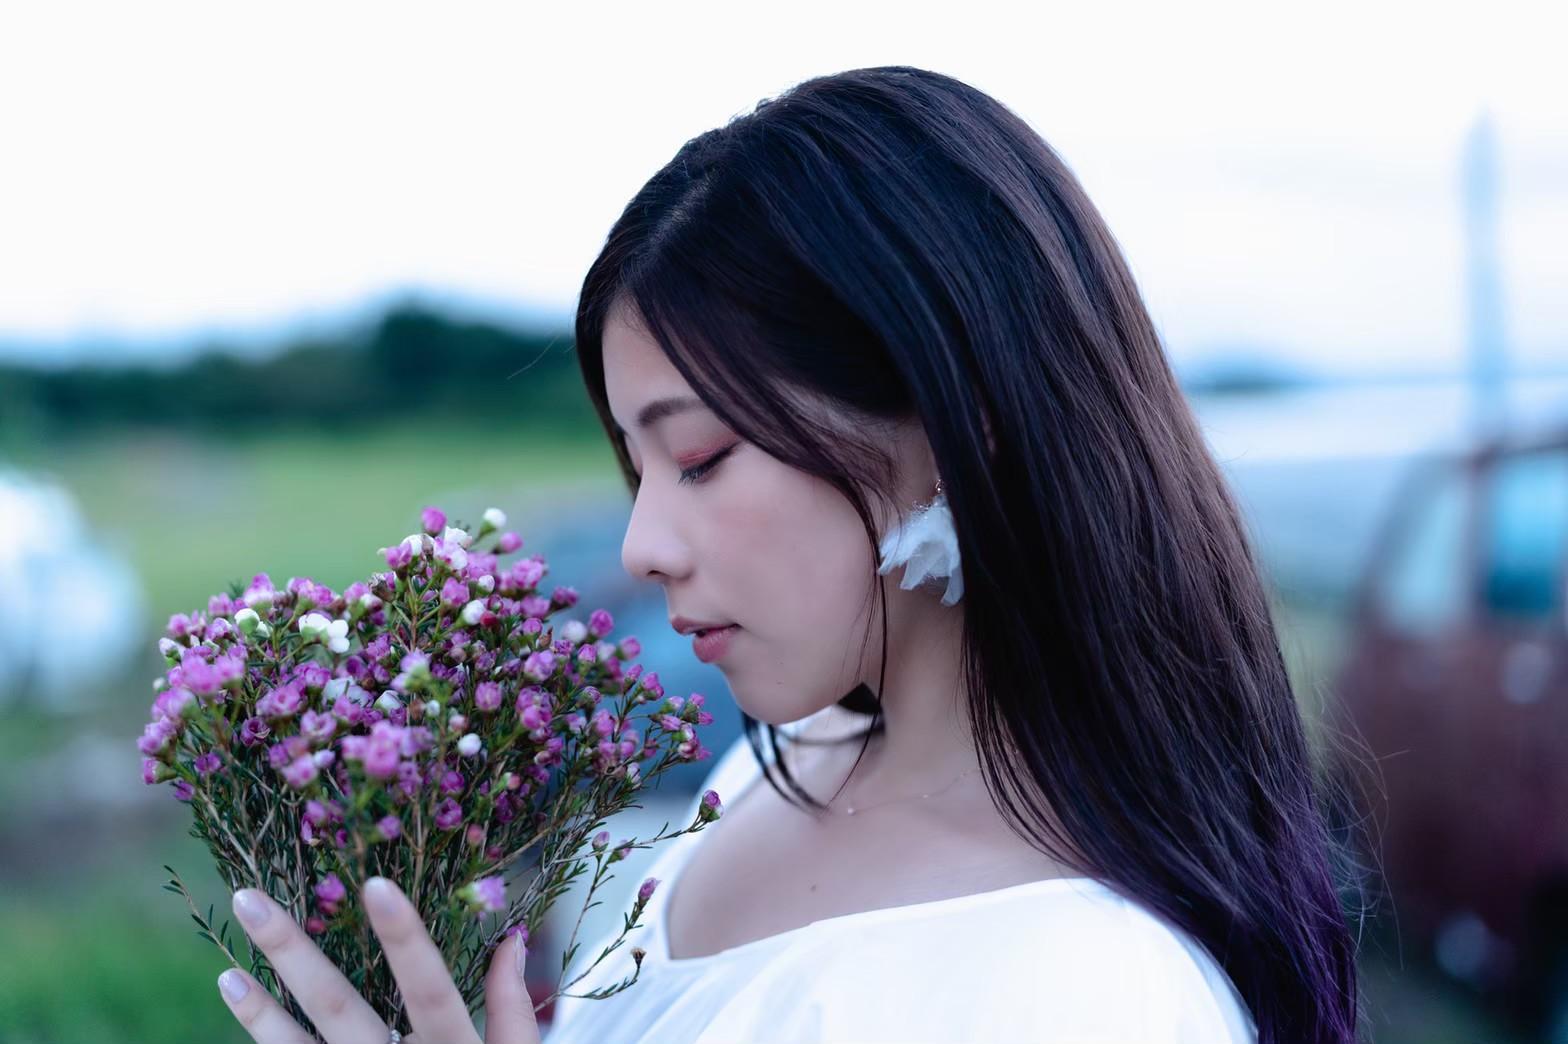 7月10日(土)美月ソロ ウェディング撮影会👰@八木山の某遊園地 🎡【⭐️満枠御礼⭐️】